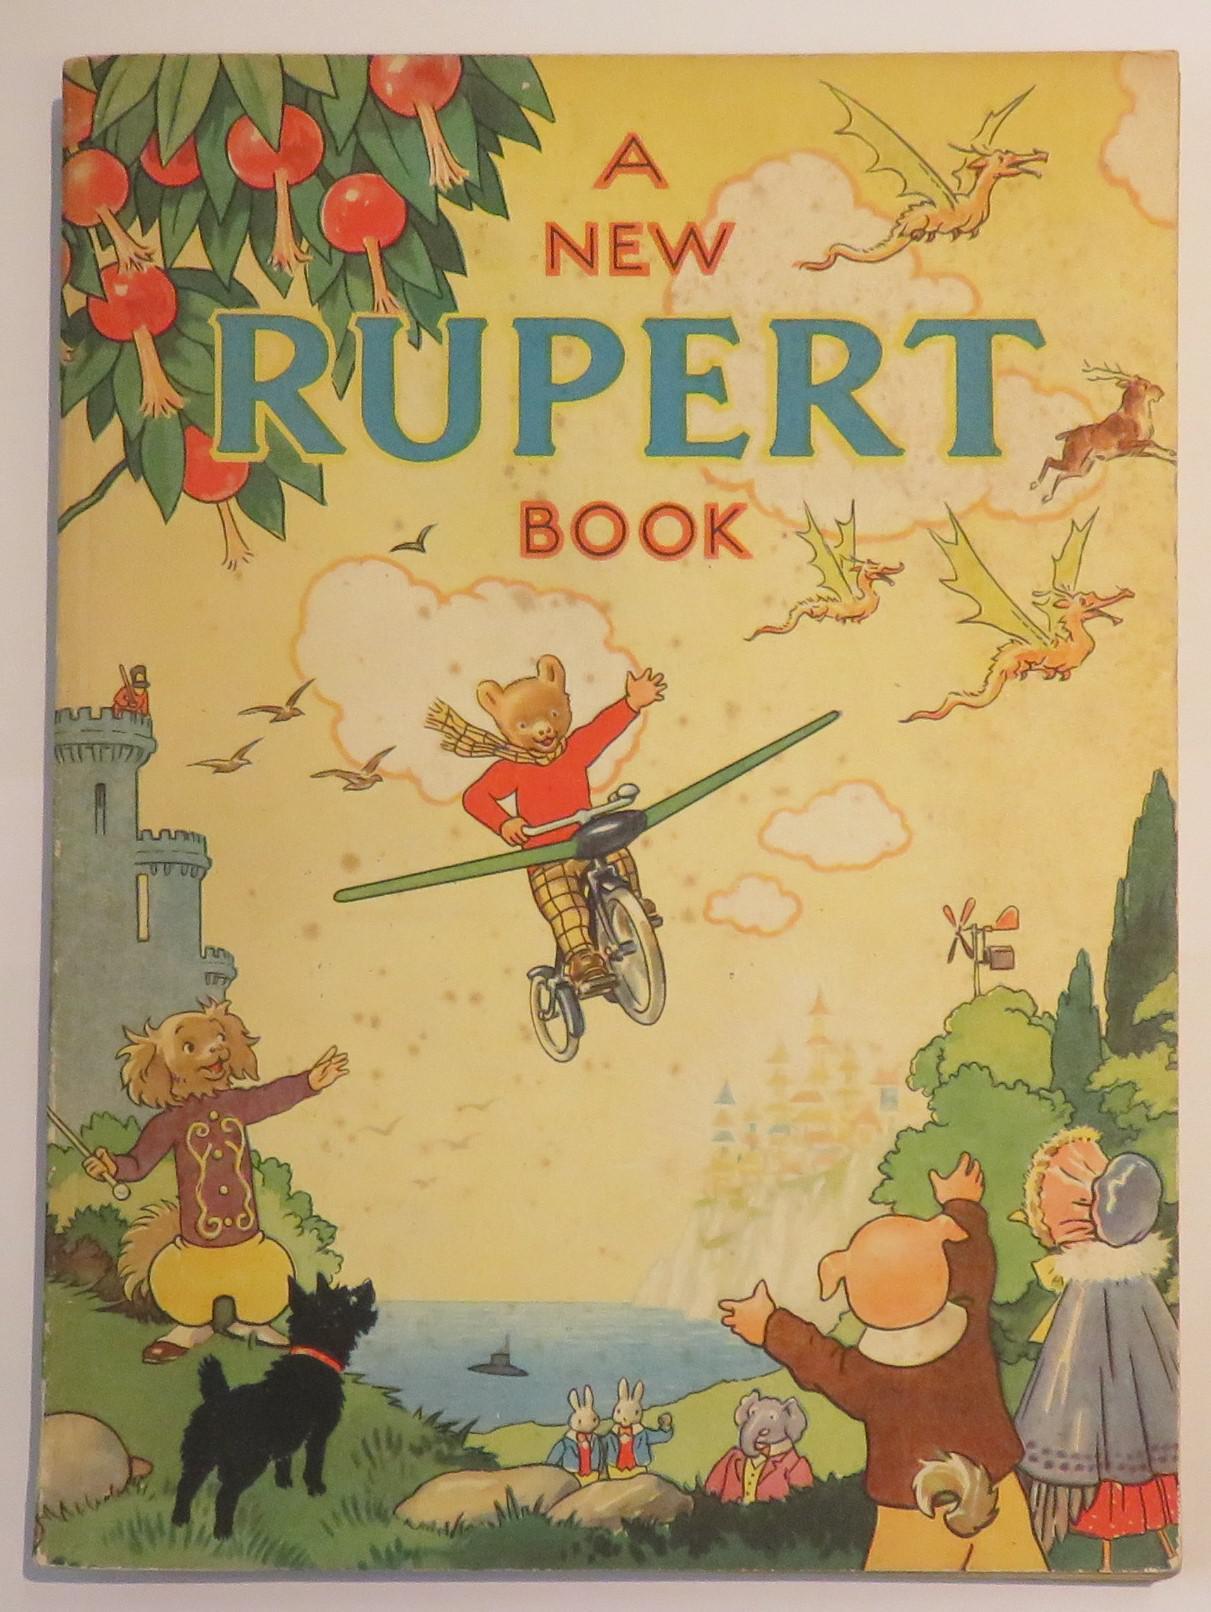 A New Rupert Book 1945